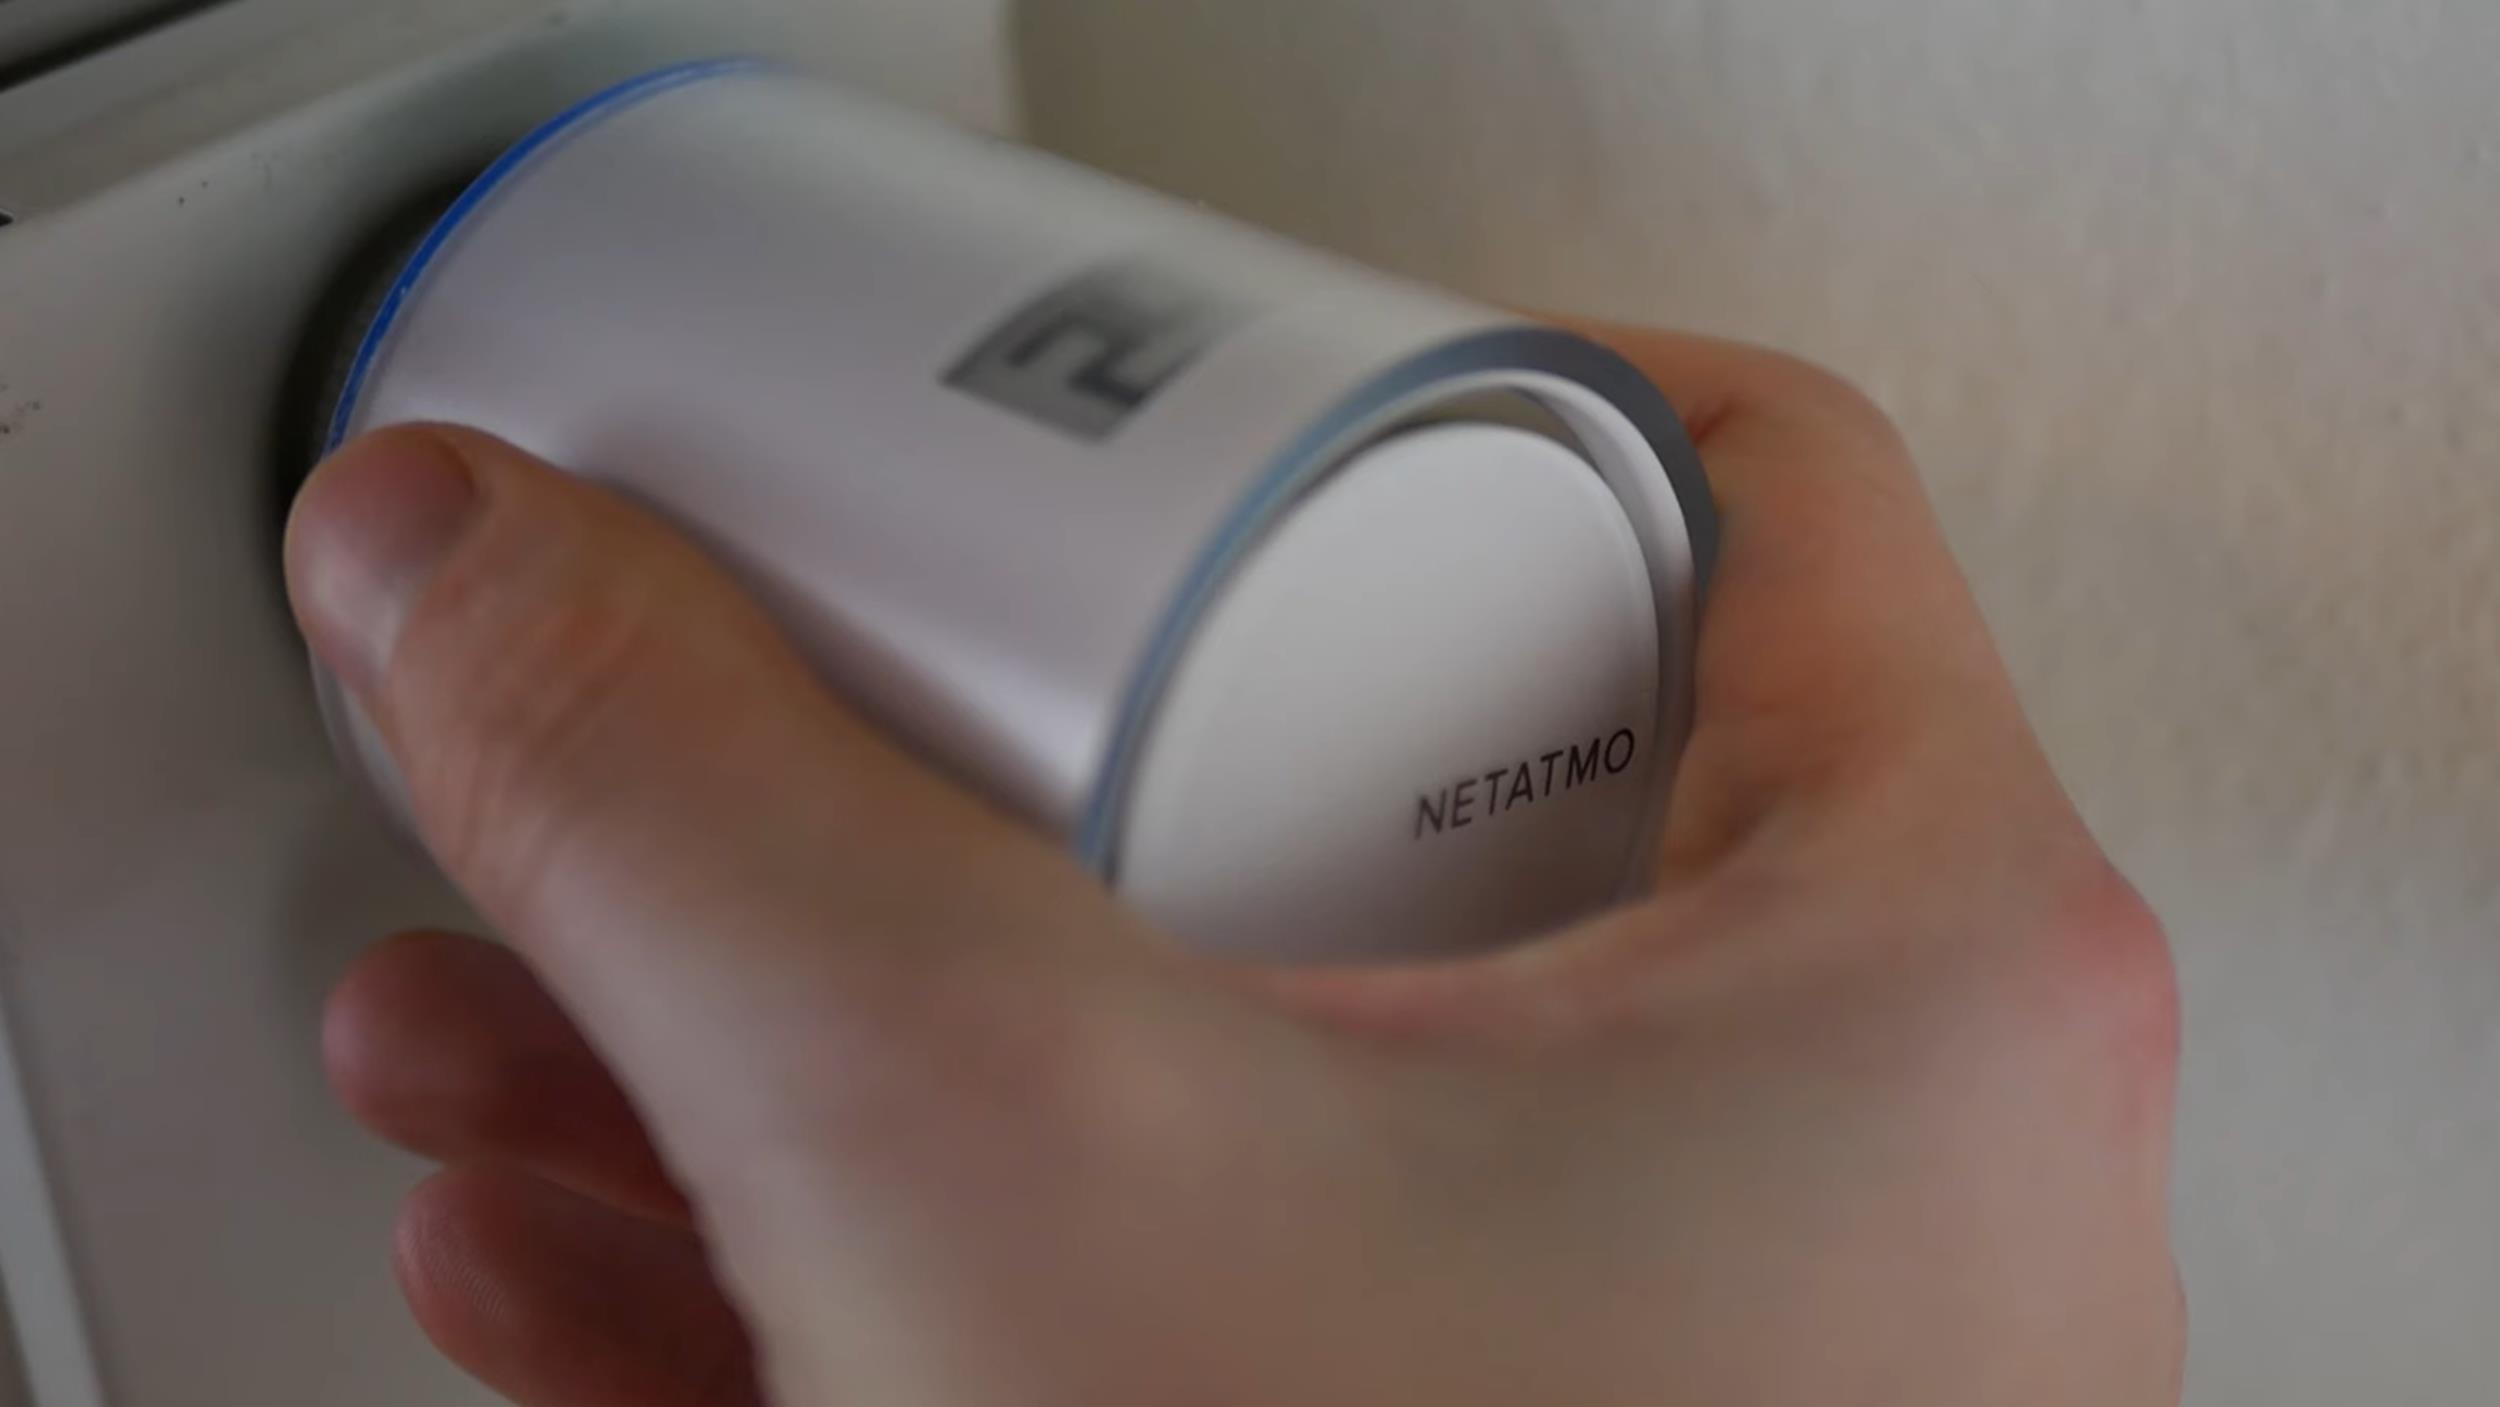 Recenzja Netatmo Valves Set. Ogrzewanie mieszkania też może być inteligentne! 1